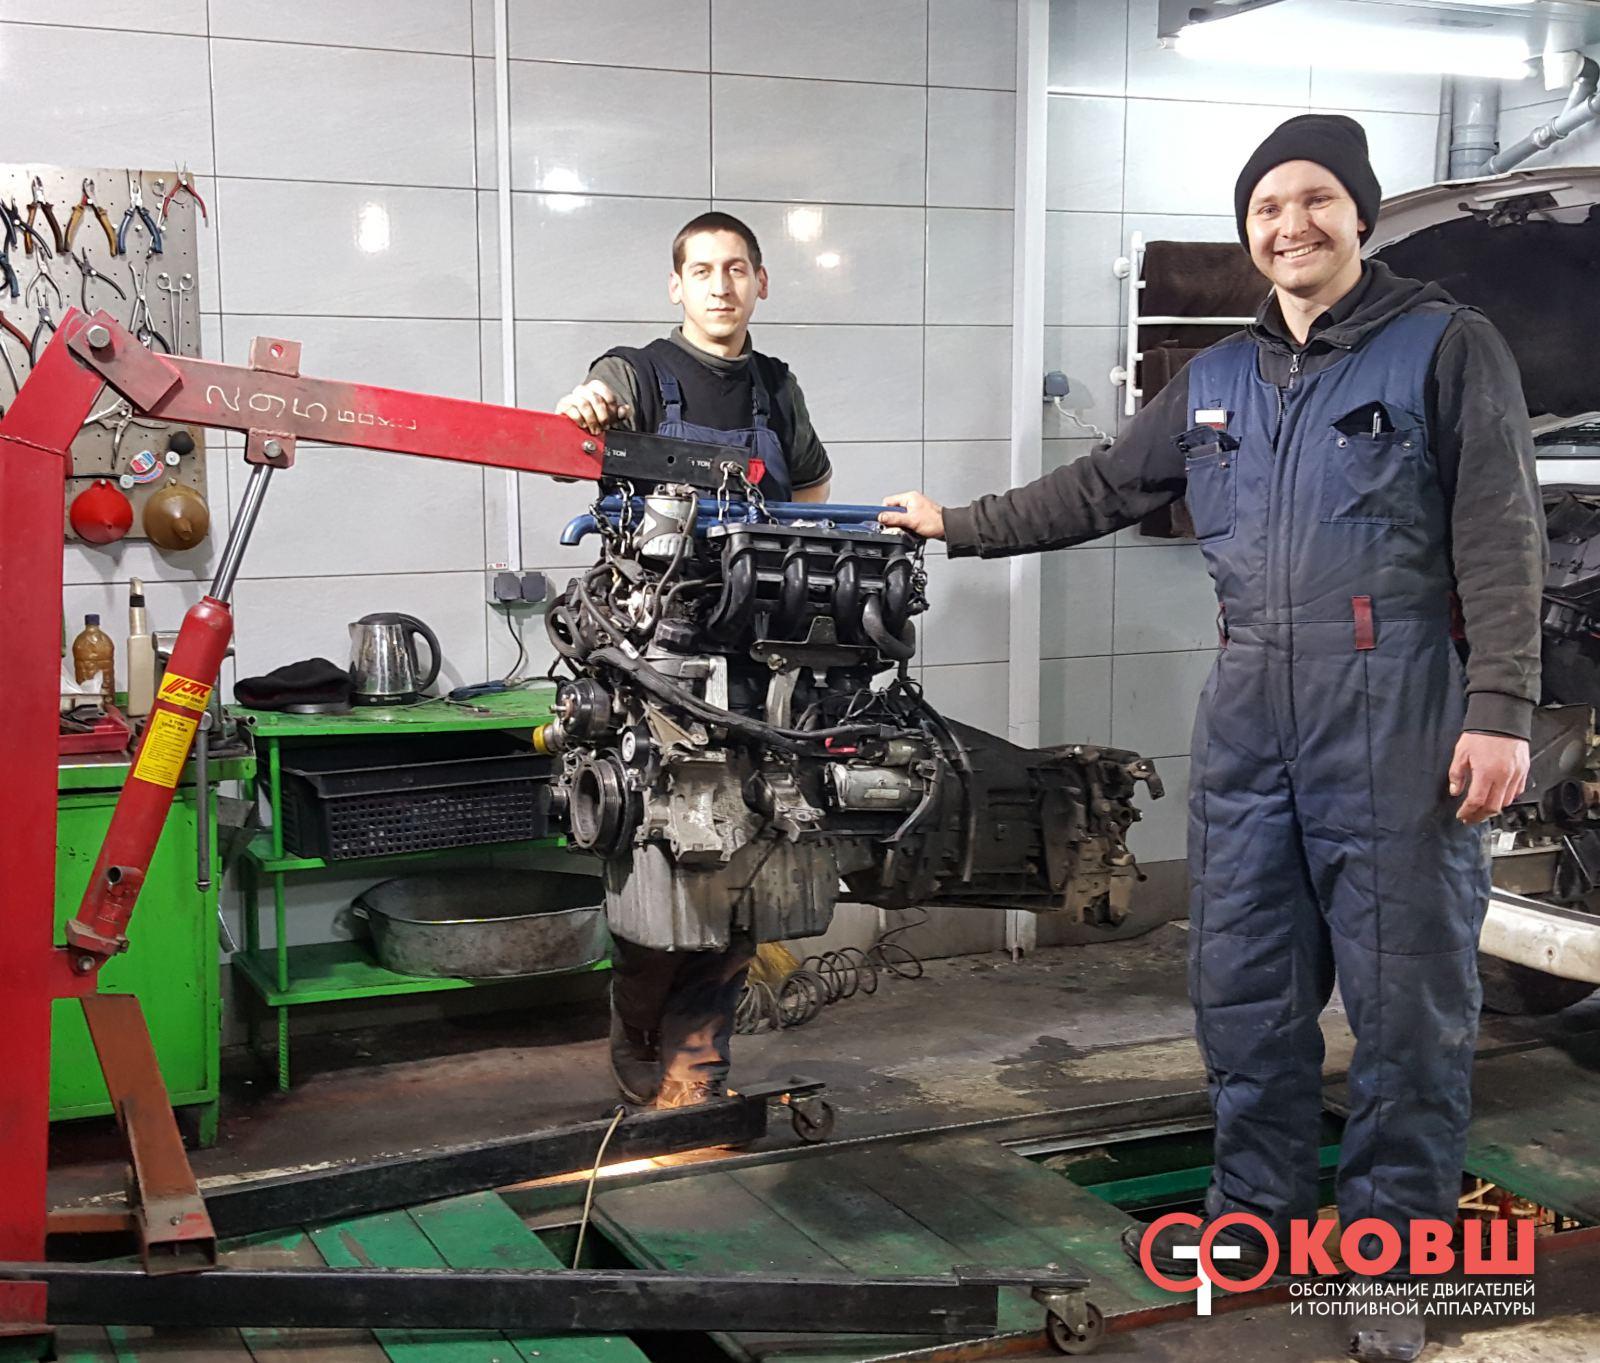 Сколько времени занимает ремонт двигателя